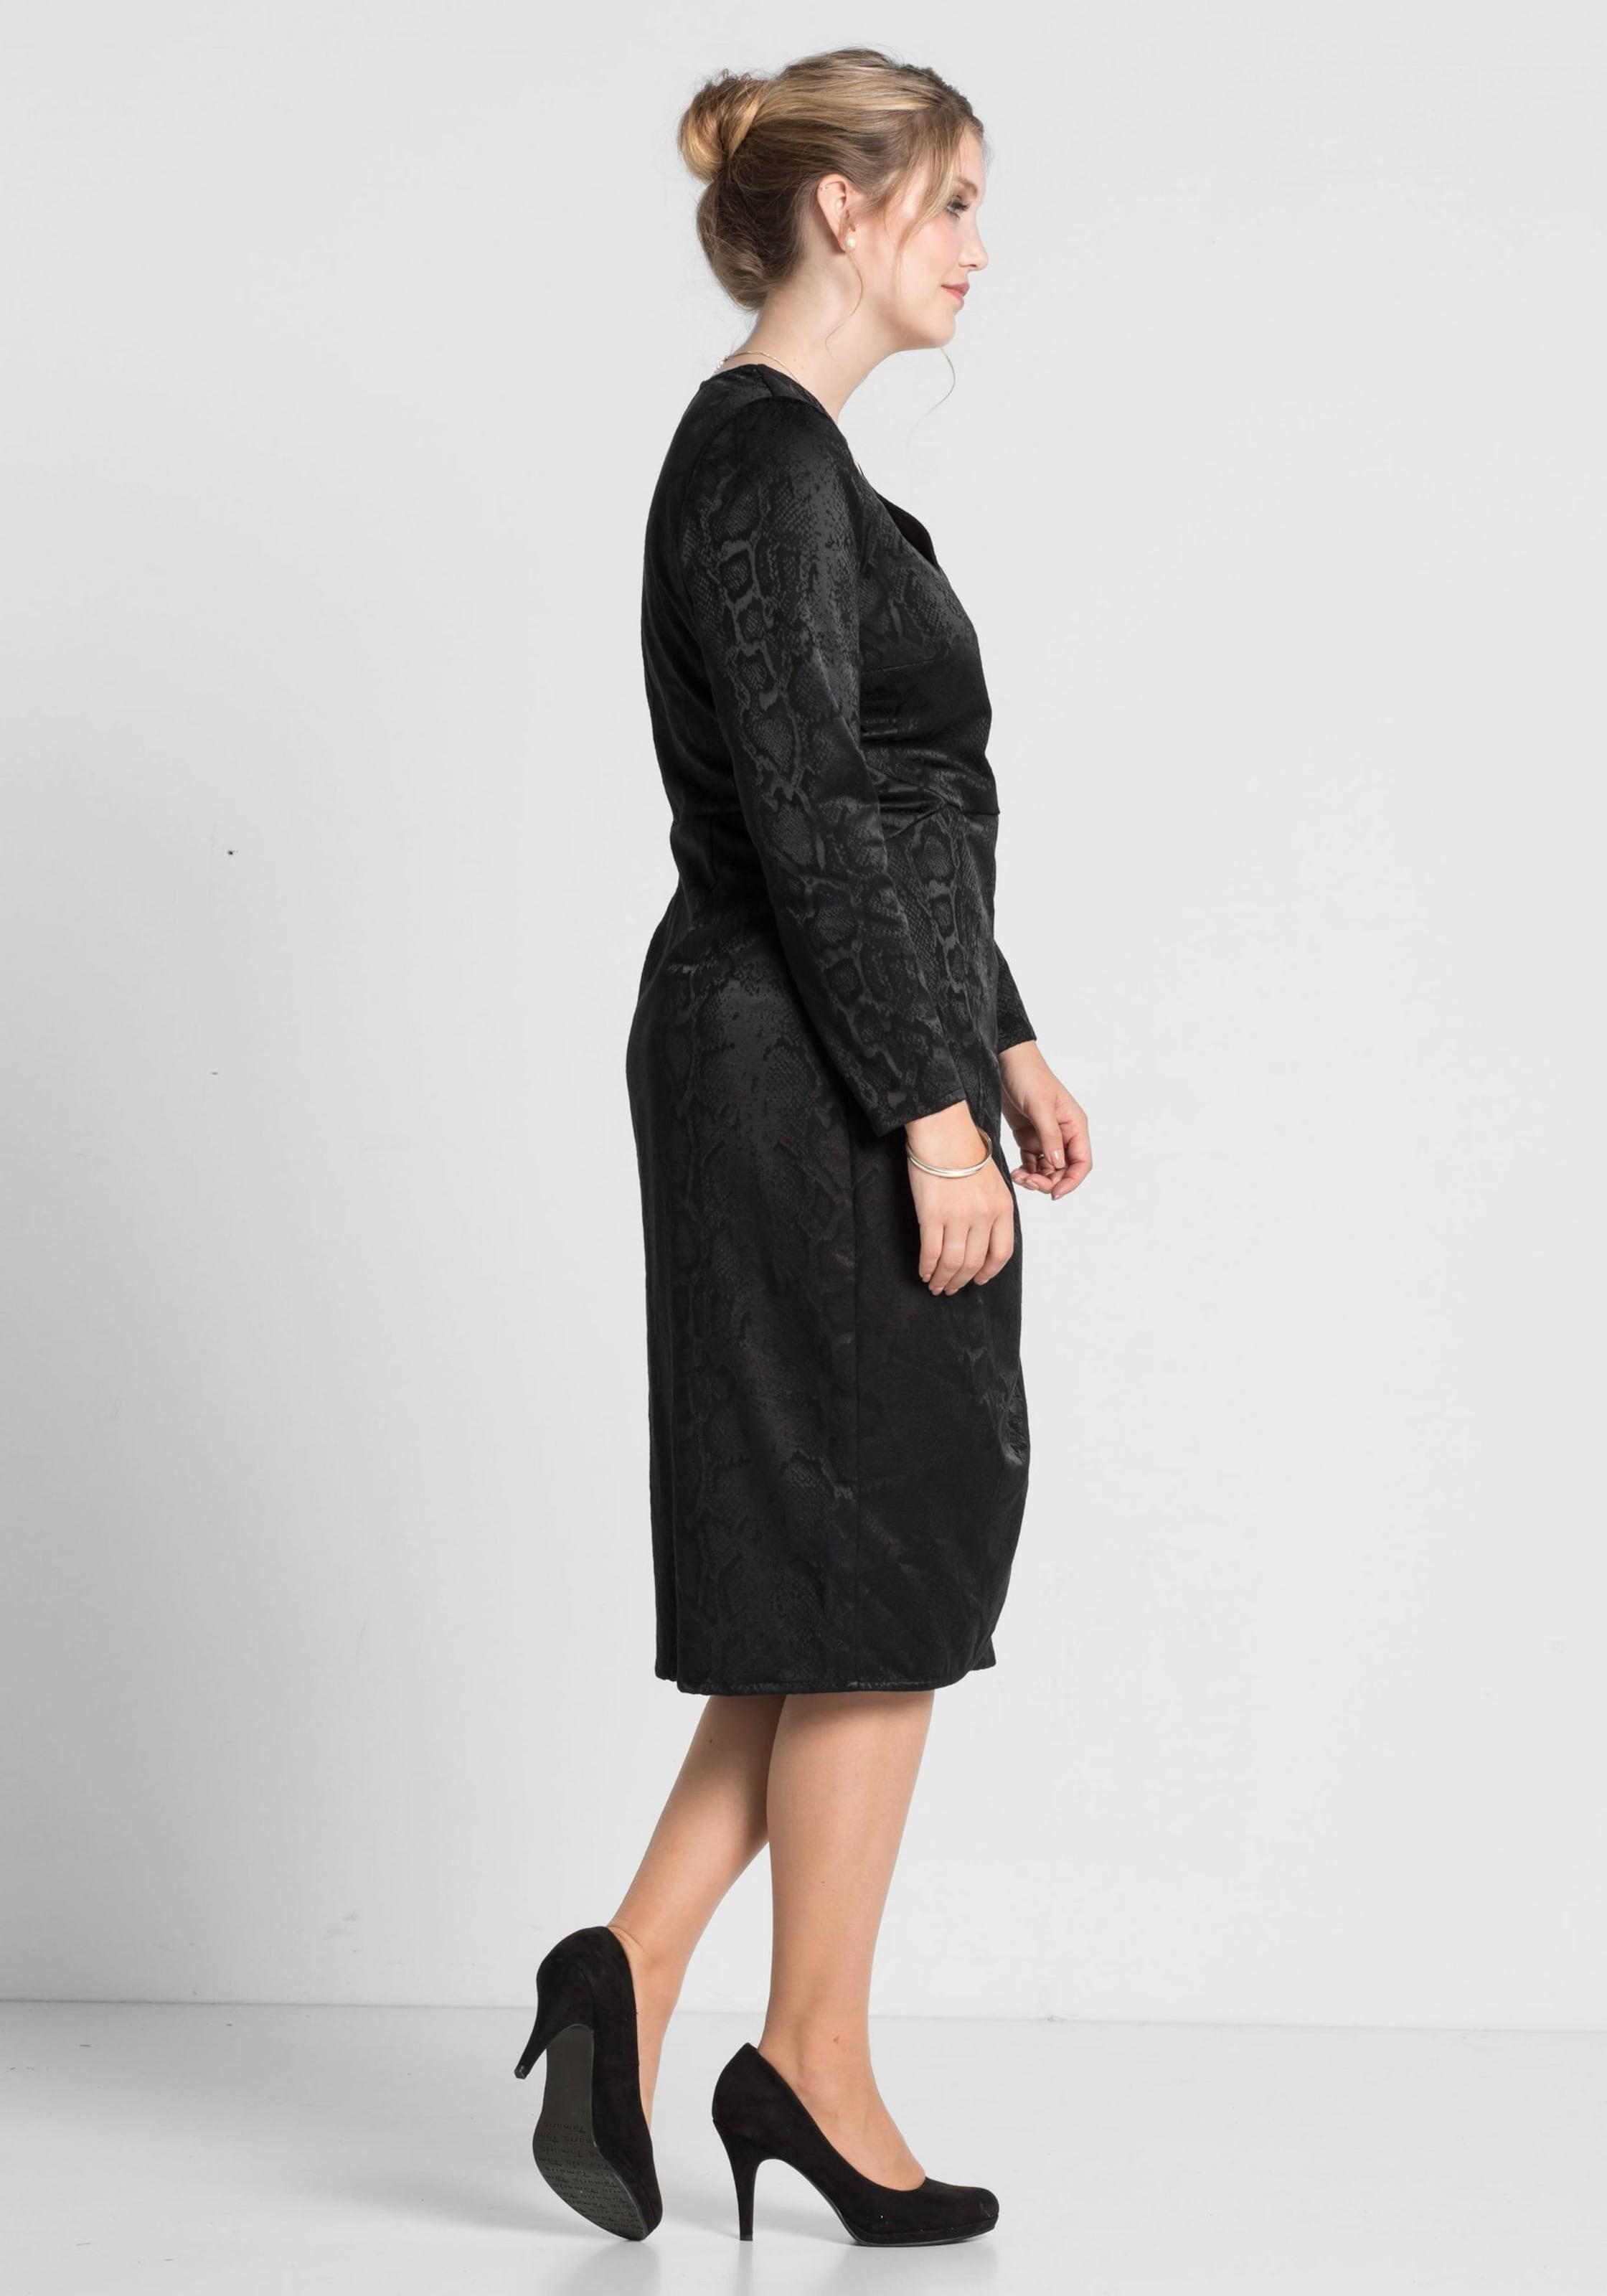 Freies Verschiffen Online-Shopping Anna Scholz for Sheego Abendkleid Billig Rabatt Authentisch 6m6W7vIk